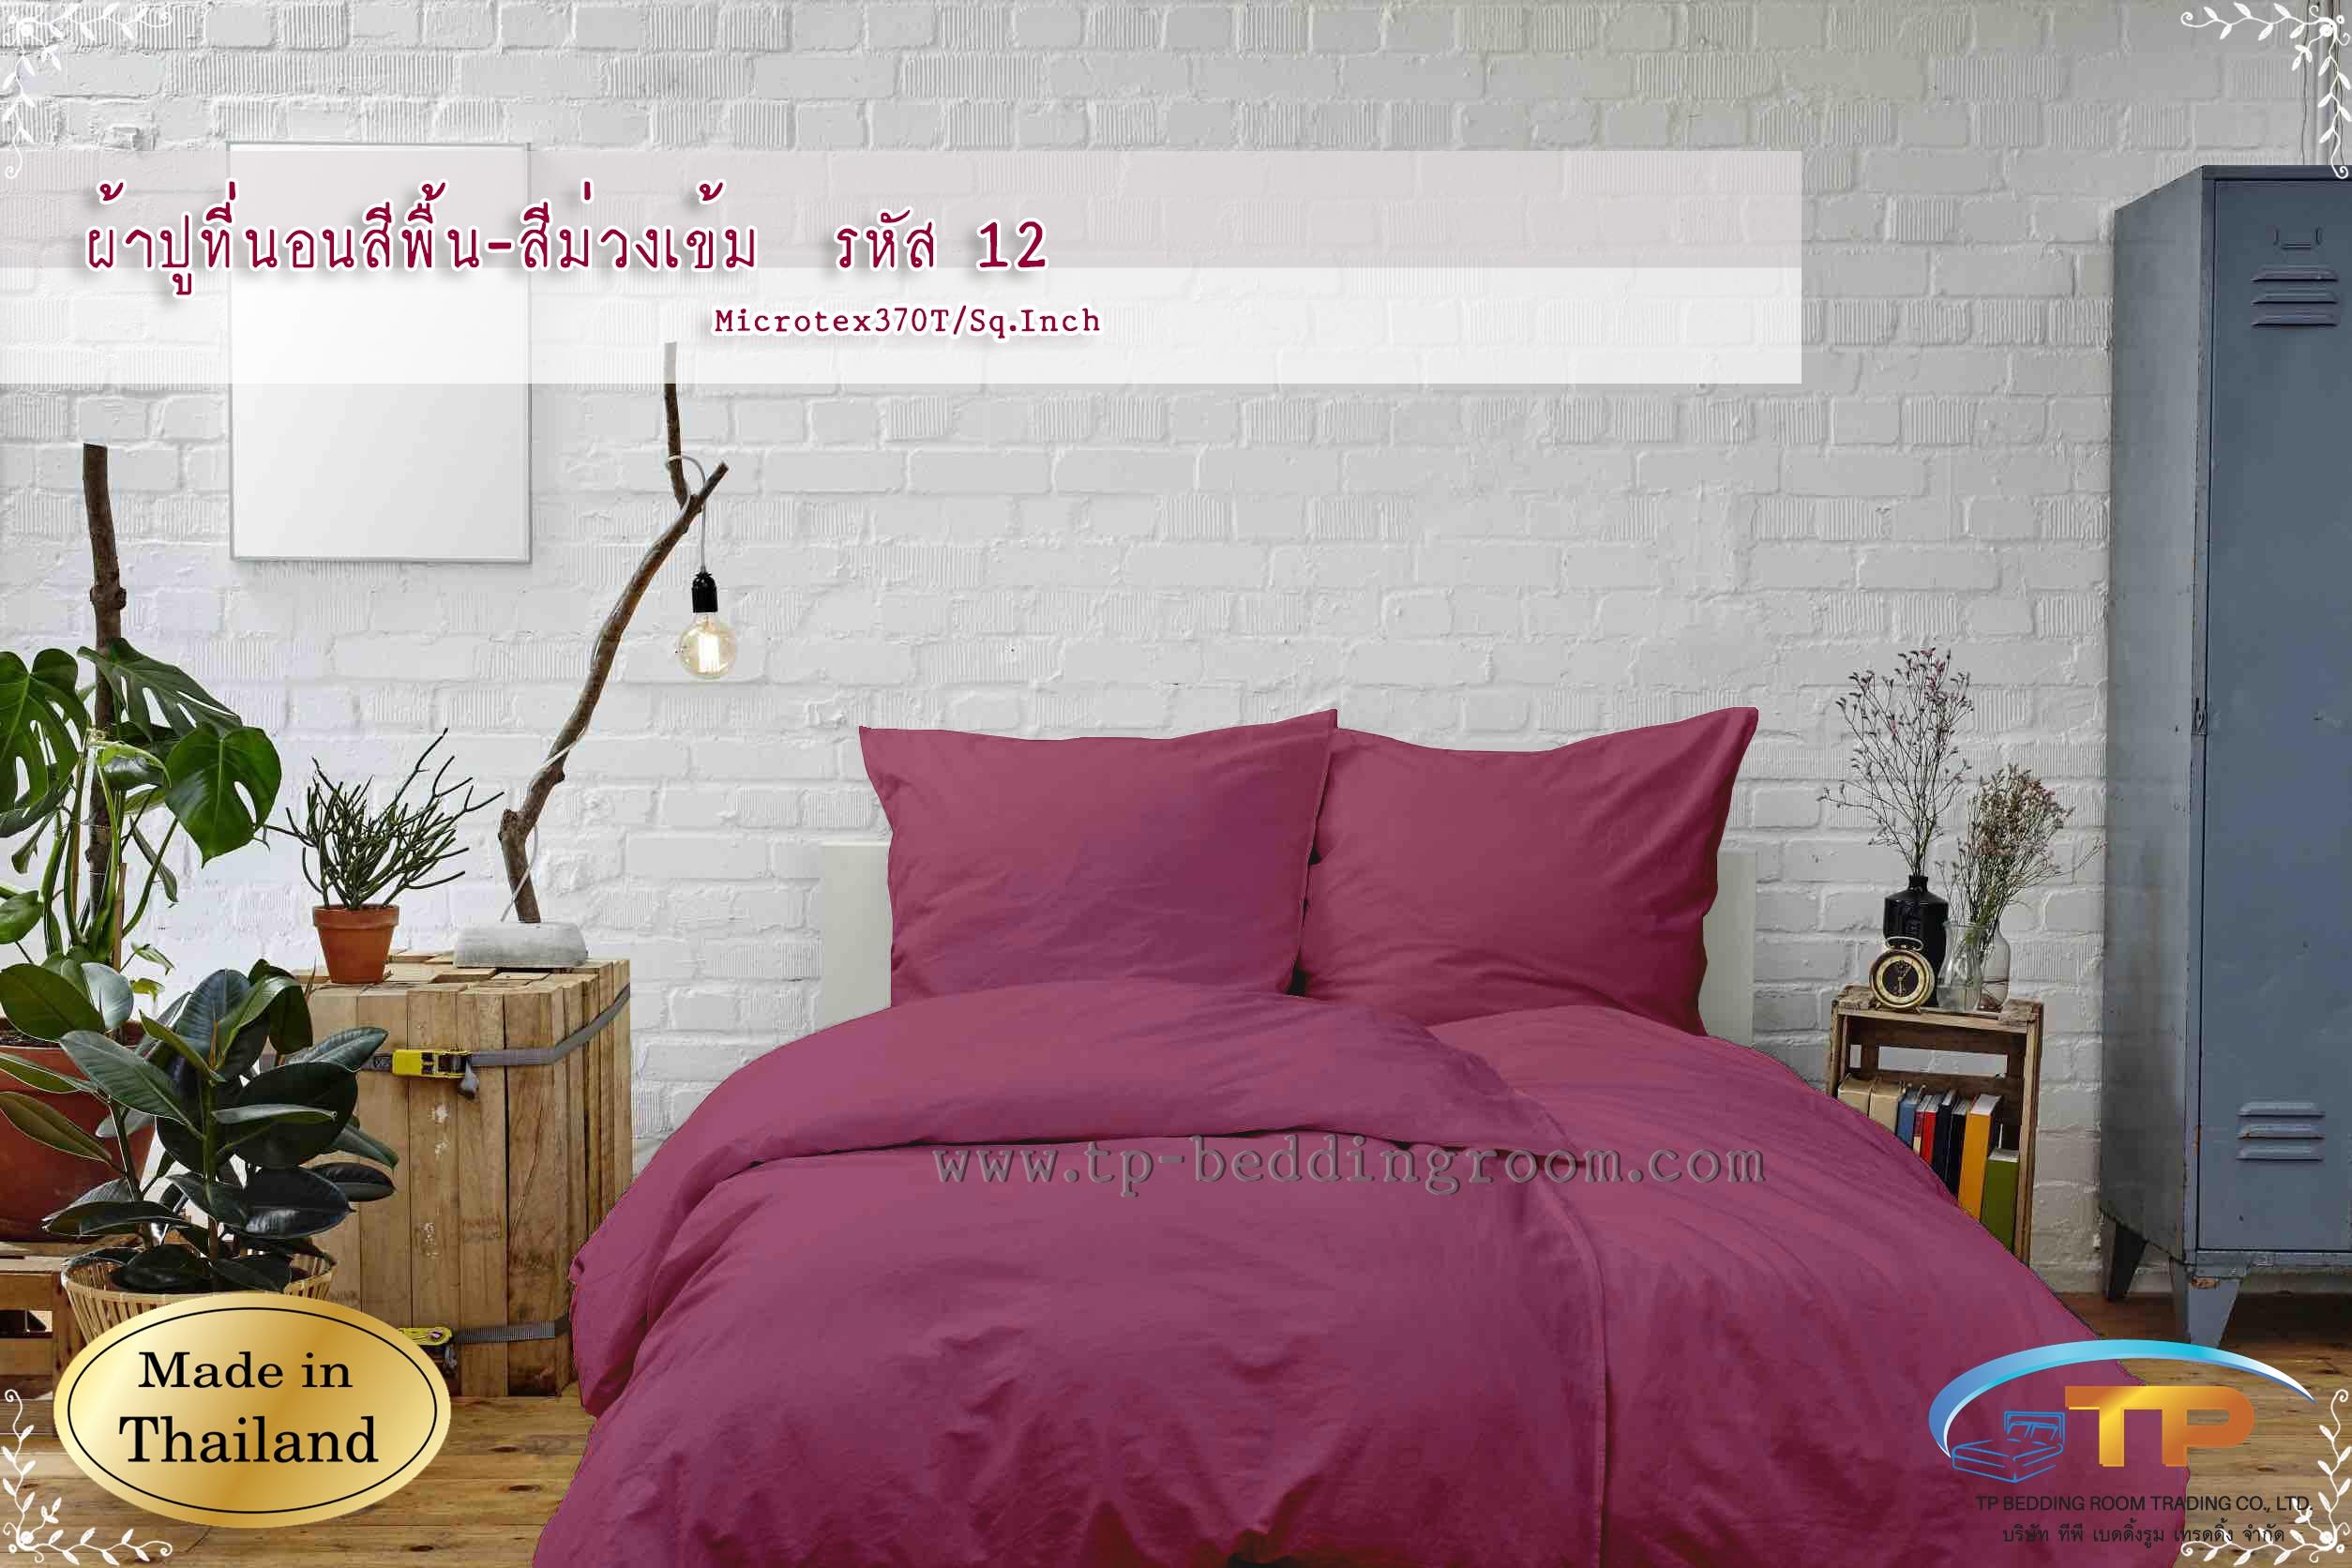 ชุดผ้าปูที่นอน 3.5 ฟุต สีม่วง รหัส 12